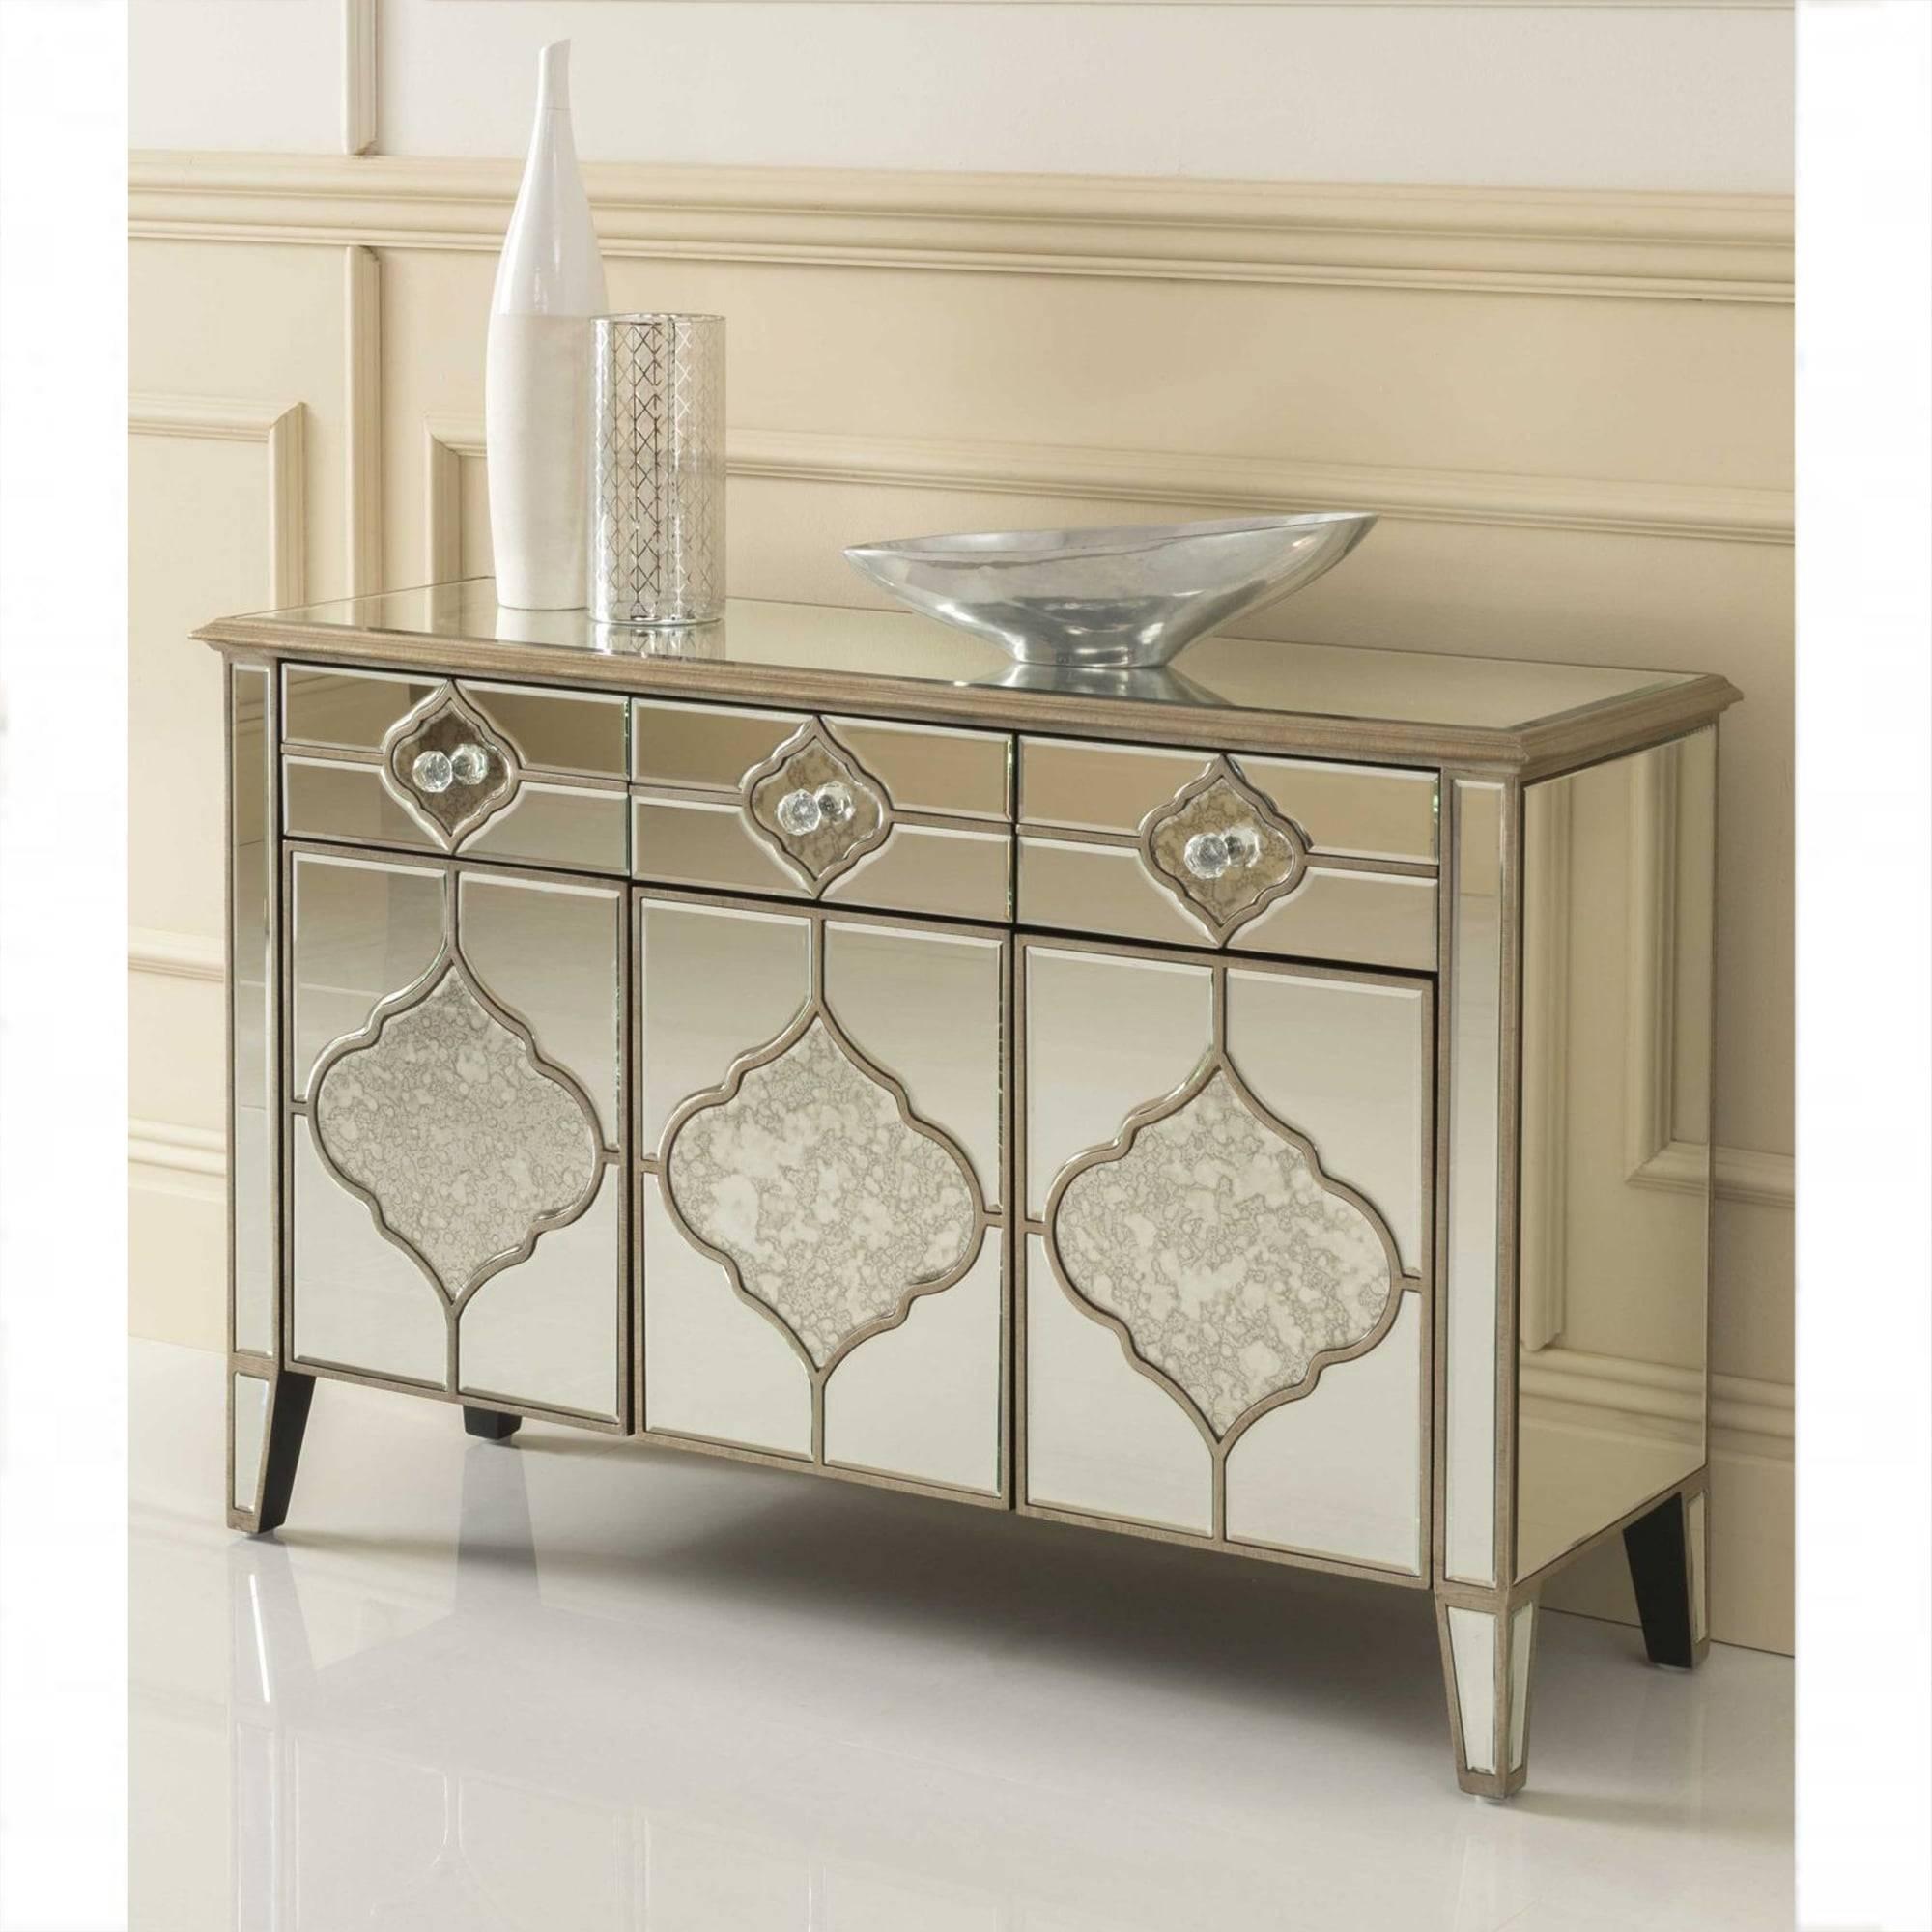 Sassari Mirrored Sideboard | Venetian Glass Furniture regarding Mirrored Sideboard Furniture (Image 13 of 30)